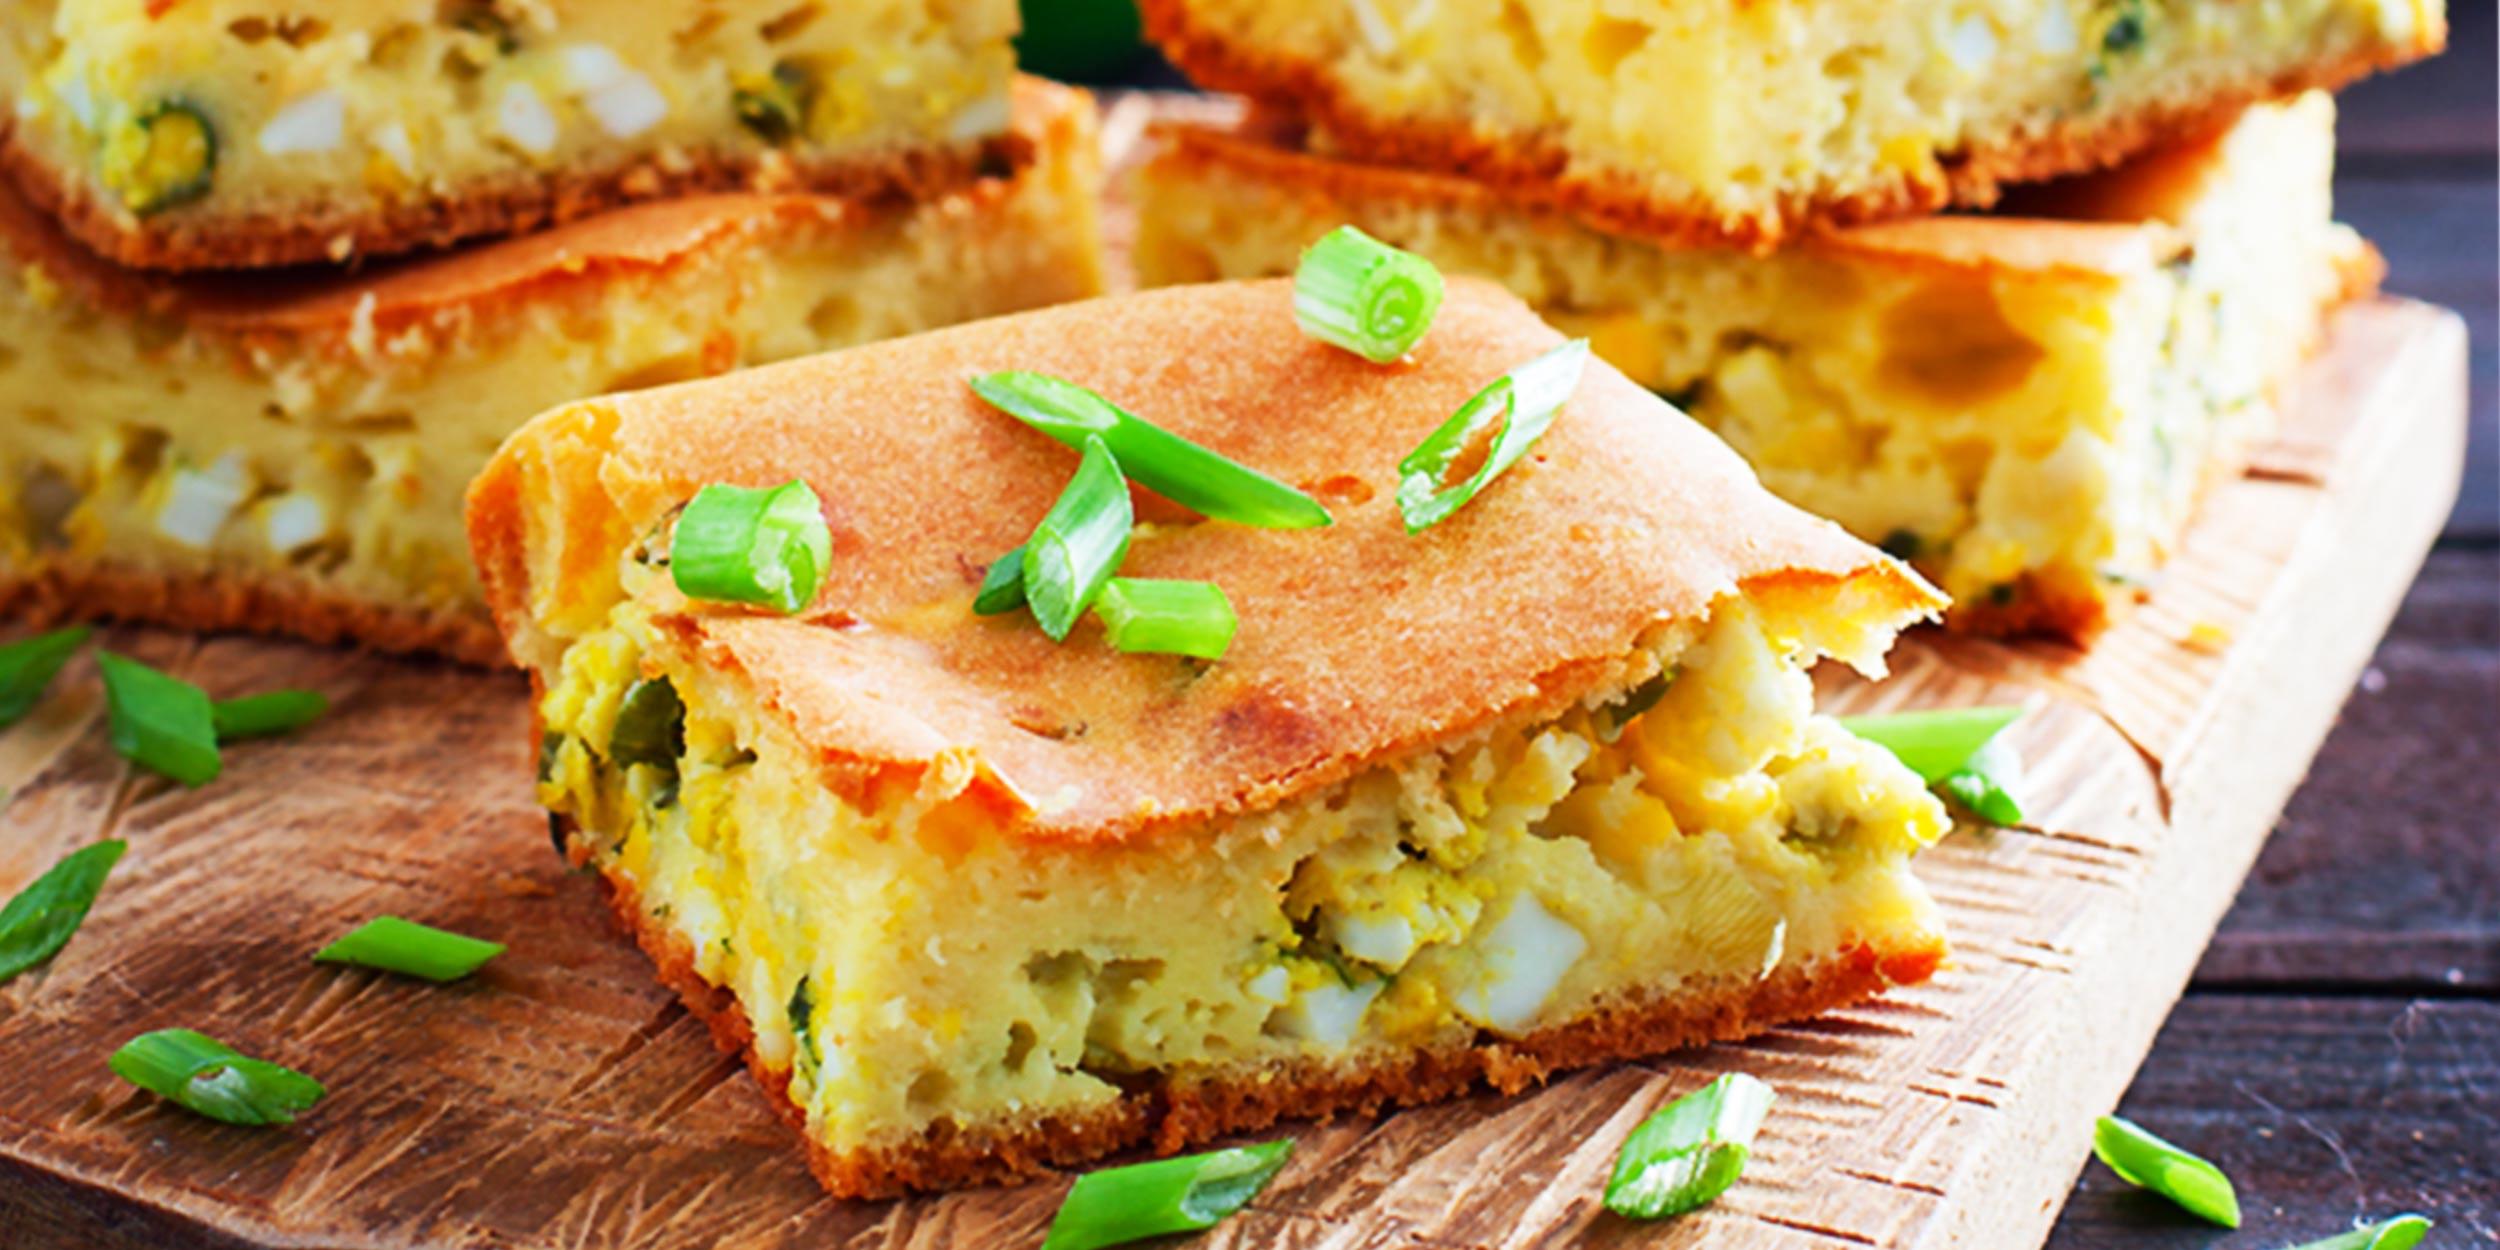 Картинки по запросу Универсальное тесто для наливных пирогов